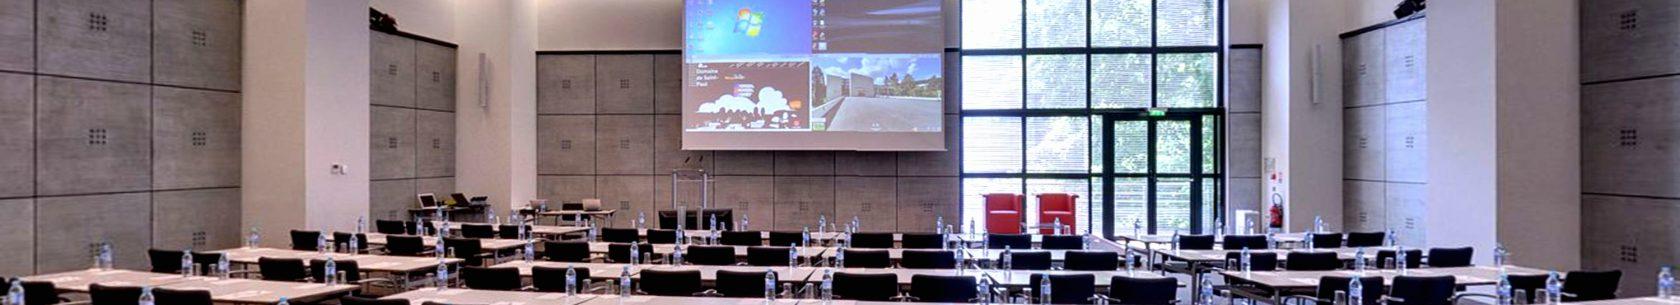 Conférences - salle A1 - Domaine de Saint-Paul